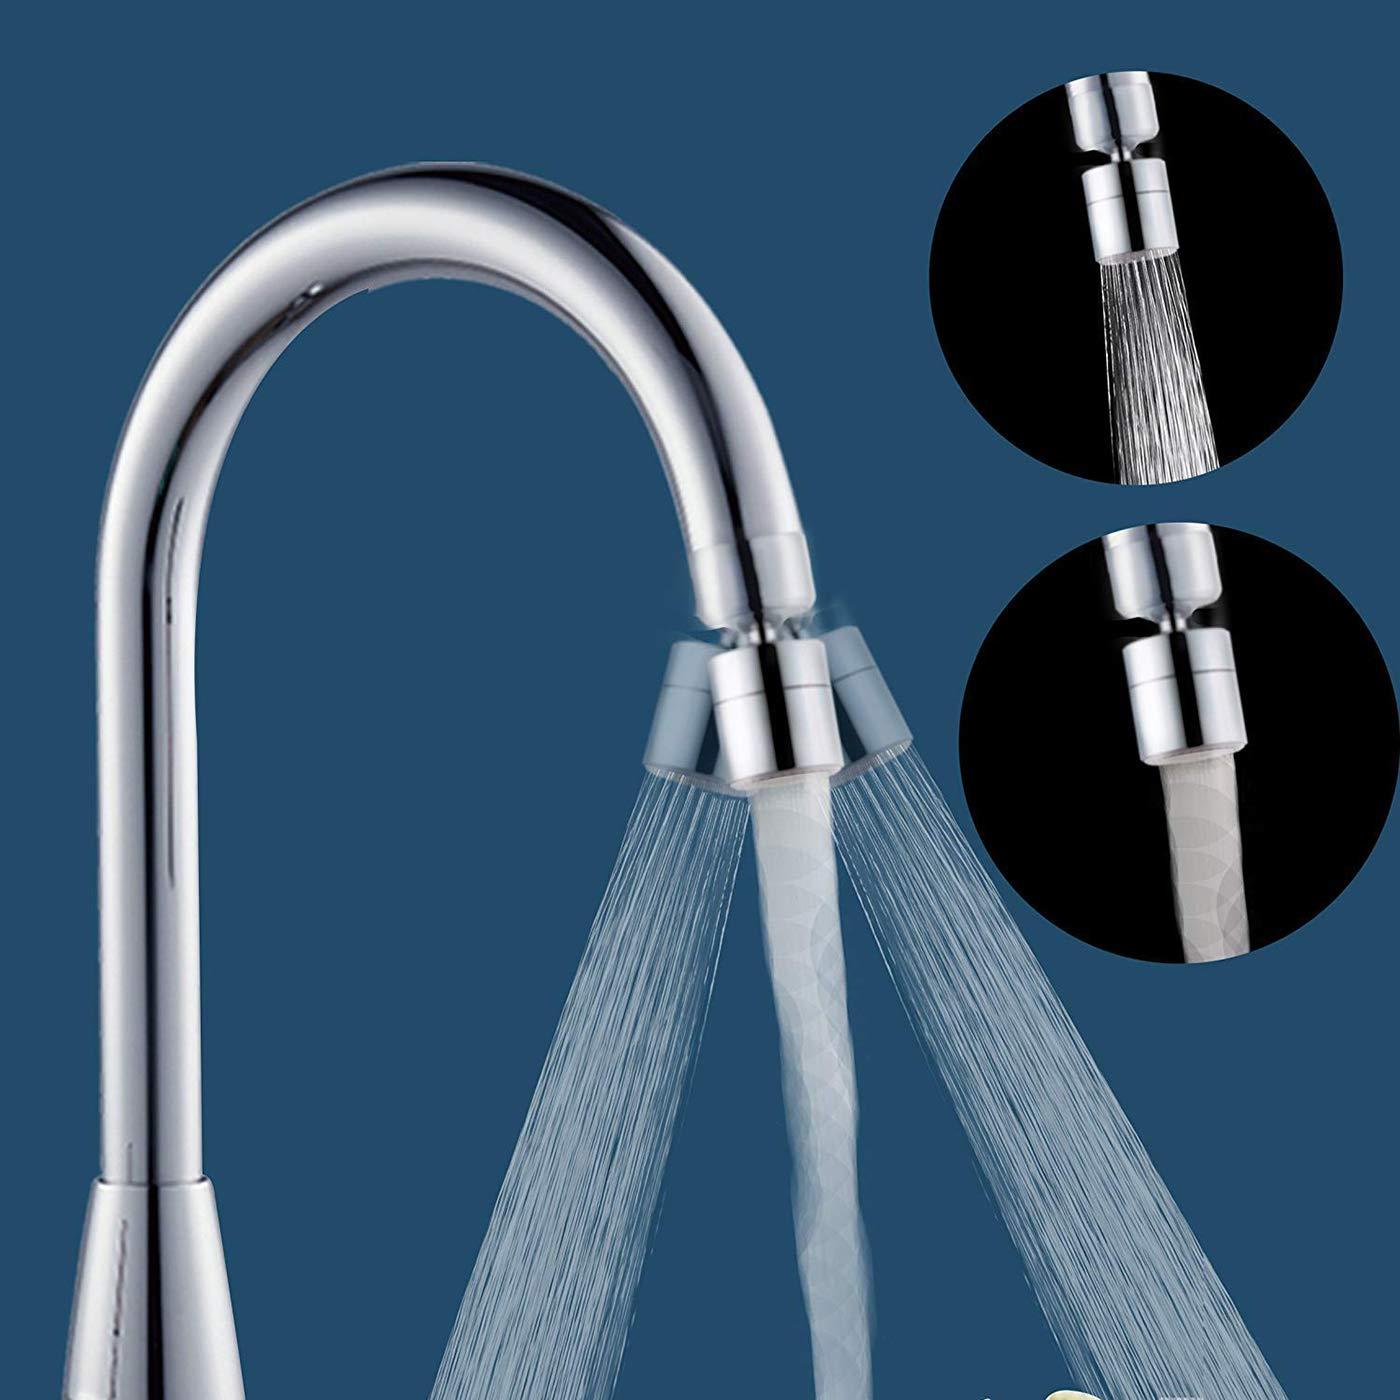 Aireador para fregadero de cocina Dispositivo de ahorro de agua de lat/ón s/ólido 2pcs aireador de grifo giratorio de 360 grados